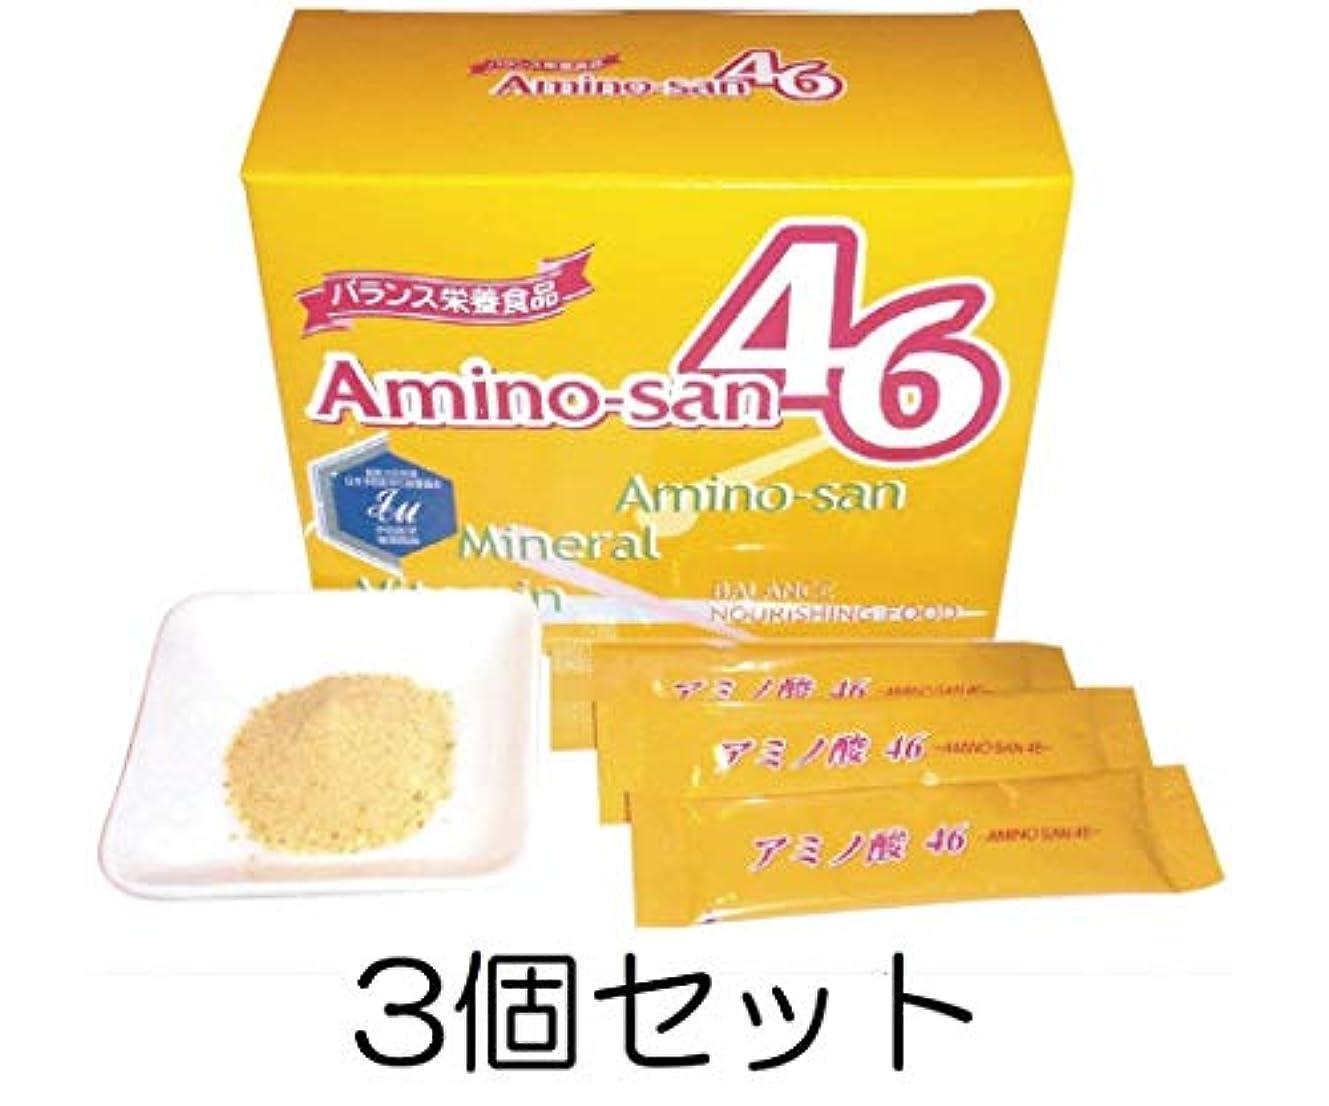 見分ける改修劇場ベル?クール研究所 アミノ酸46 3g×60本入り(1ヶ月分)×3箱セット ポーレン(蜂蜜花粉)含有サプリメント 栄養補助食品